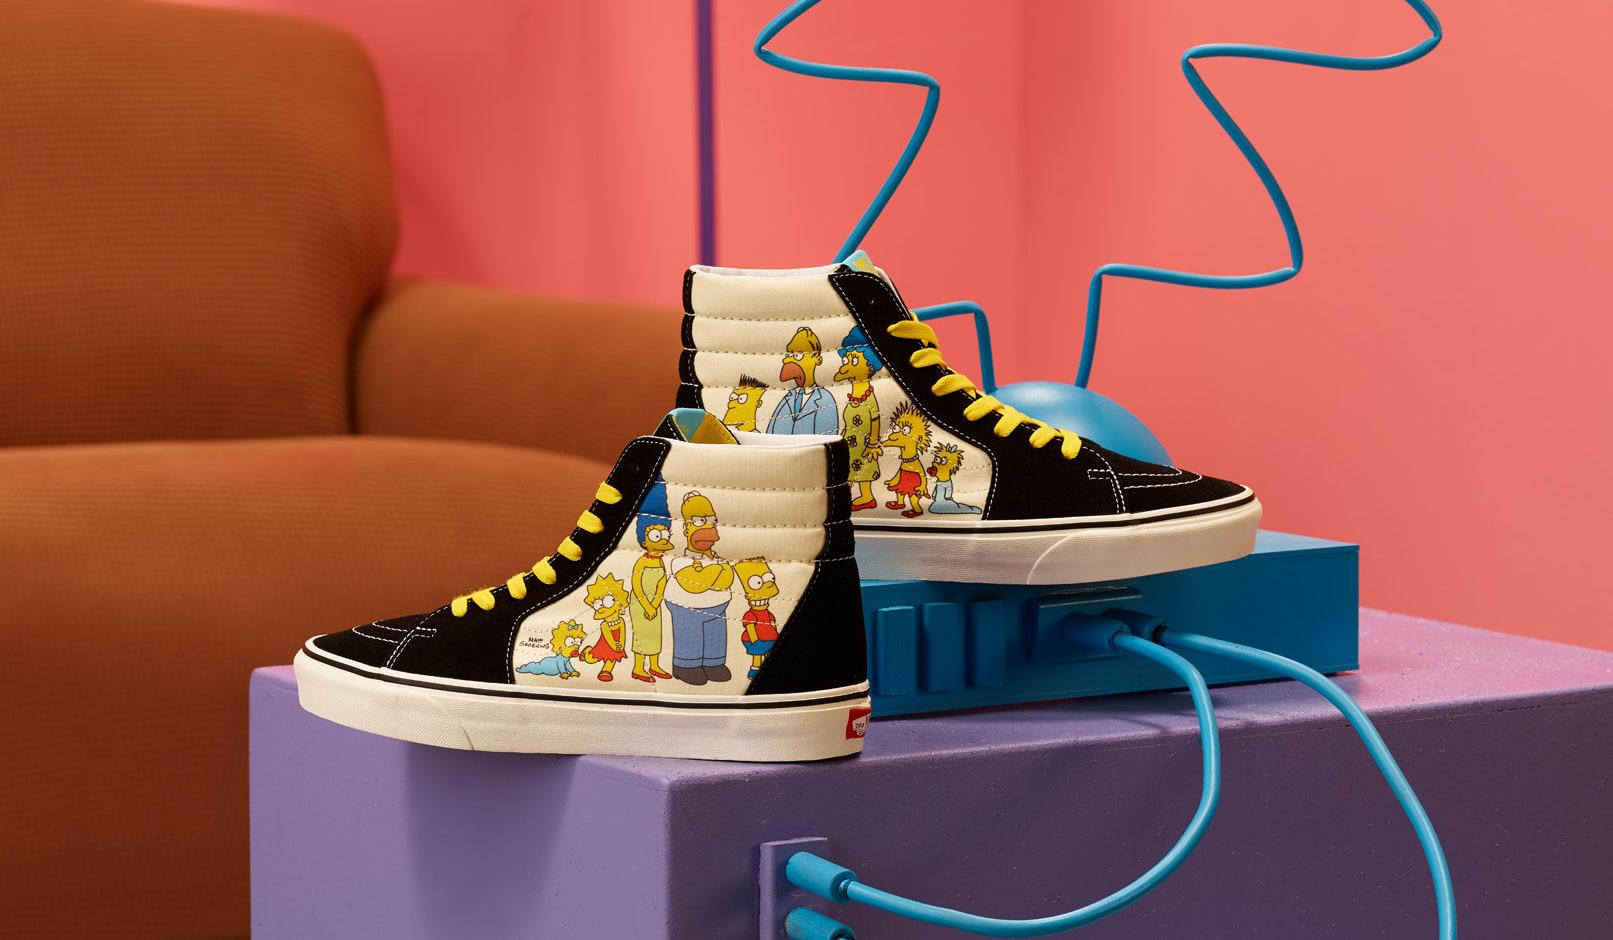 The Simpsons x Vans Sk8-Hi